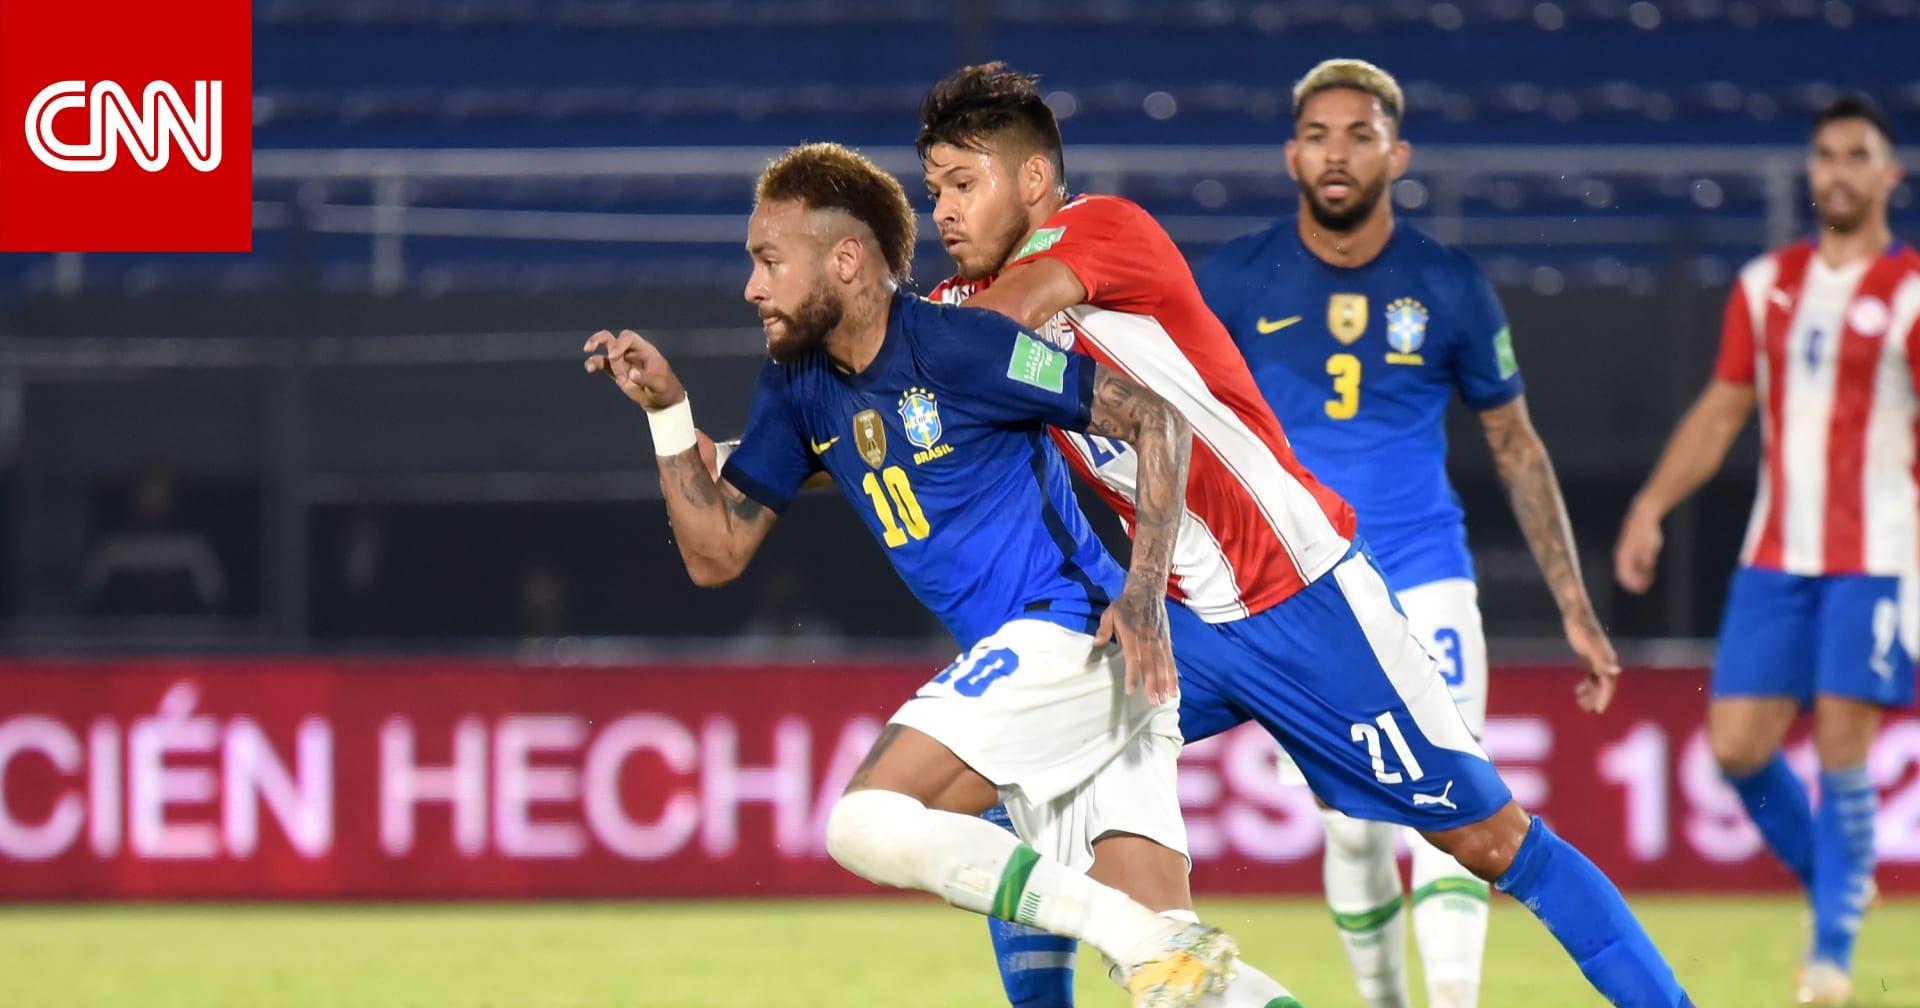 في رسالة علنية.. لاعبو المنتخب البرازيلي ينتقدون قرار بلادهم تنظيم كوبا أمريكا